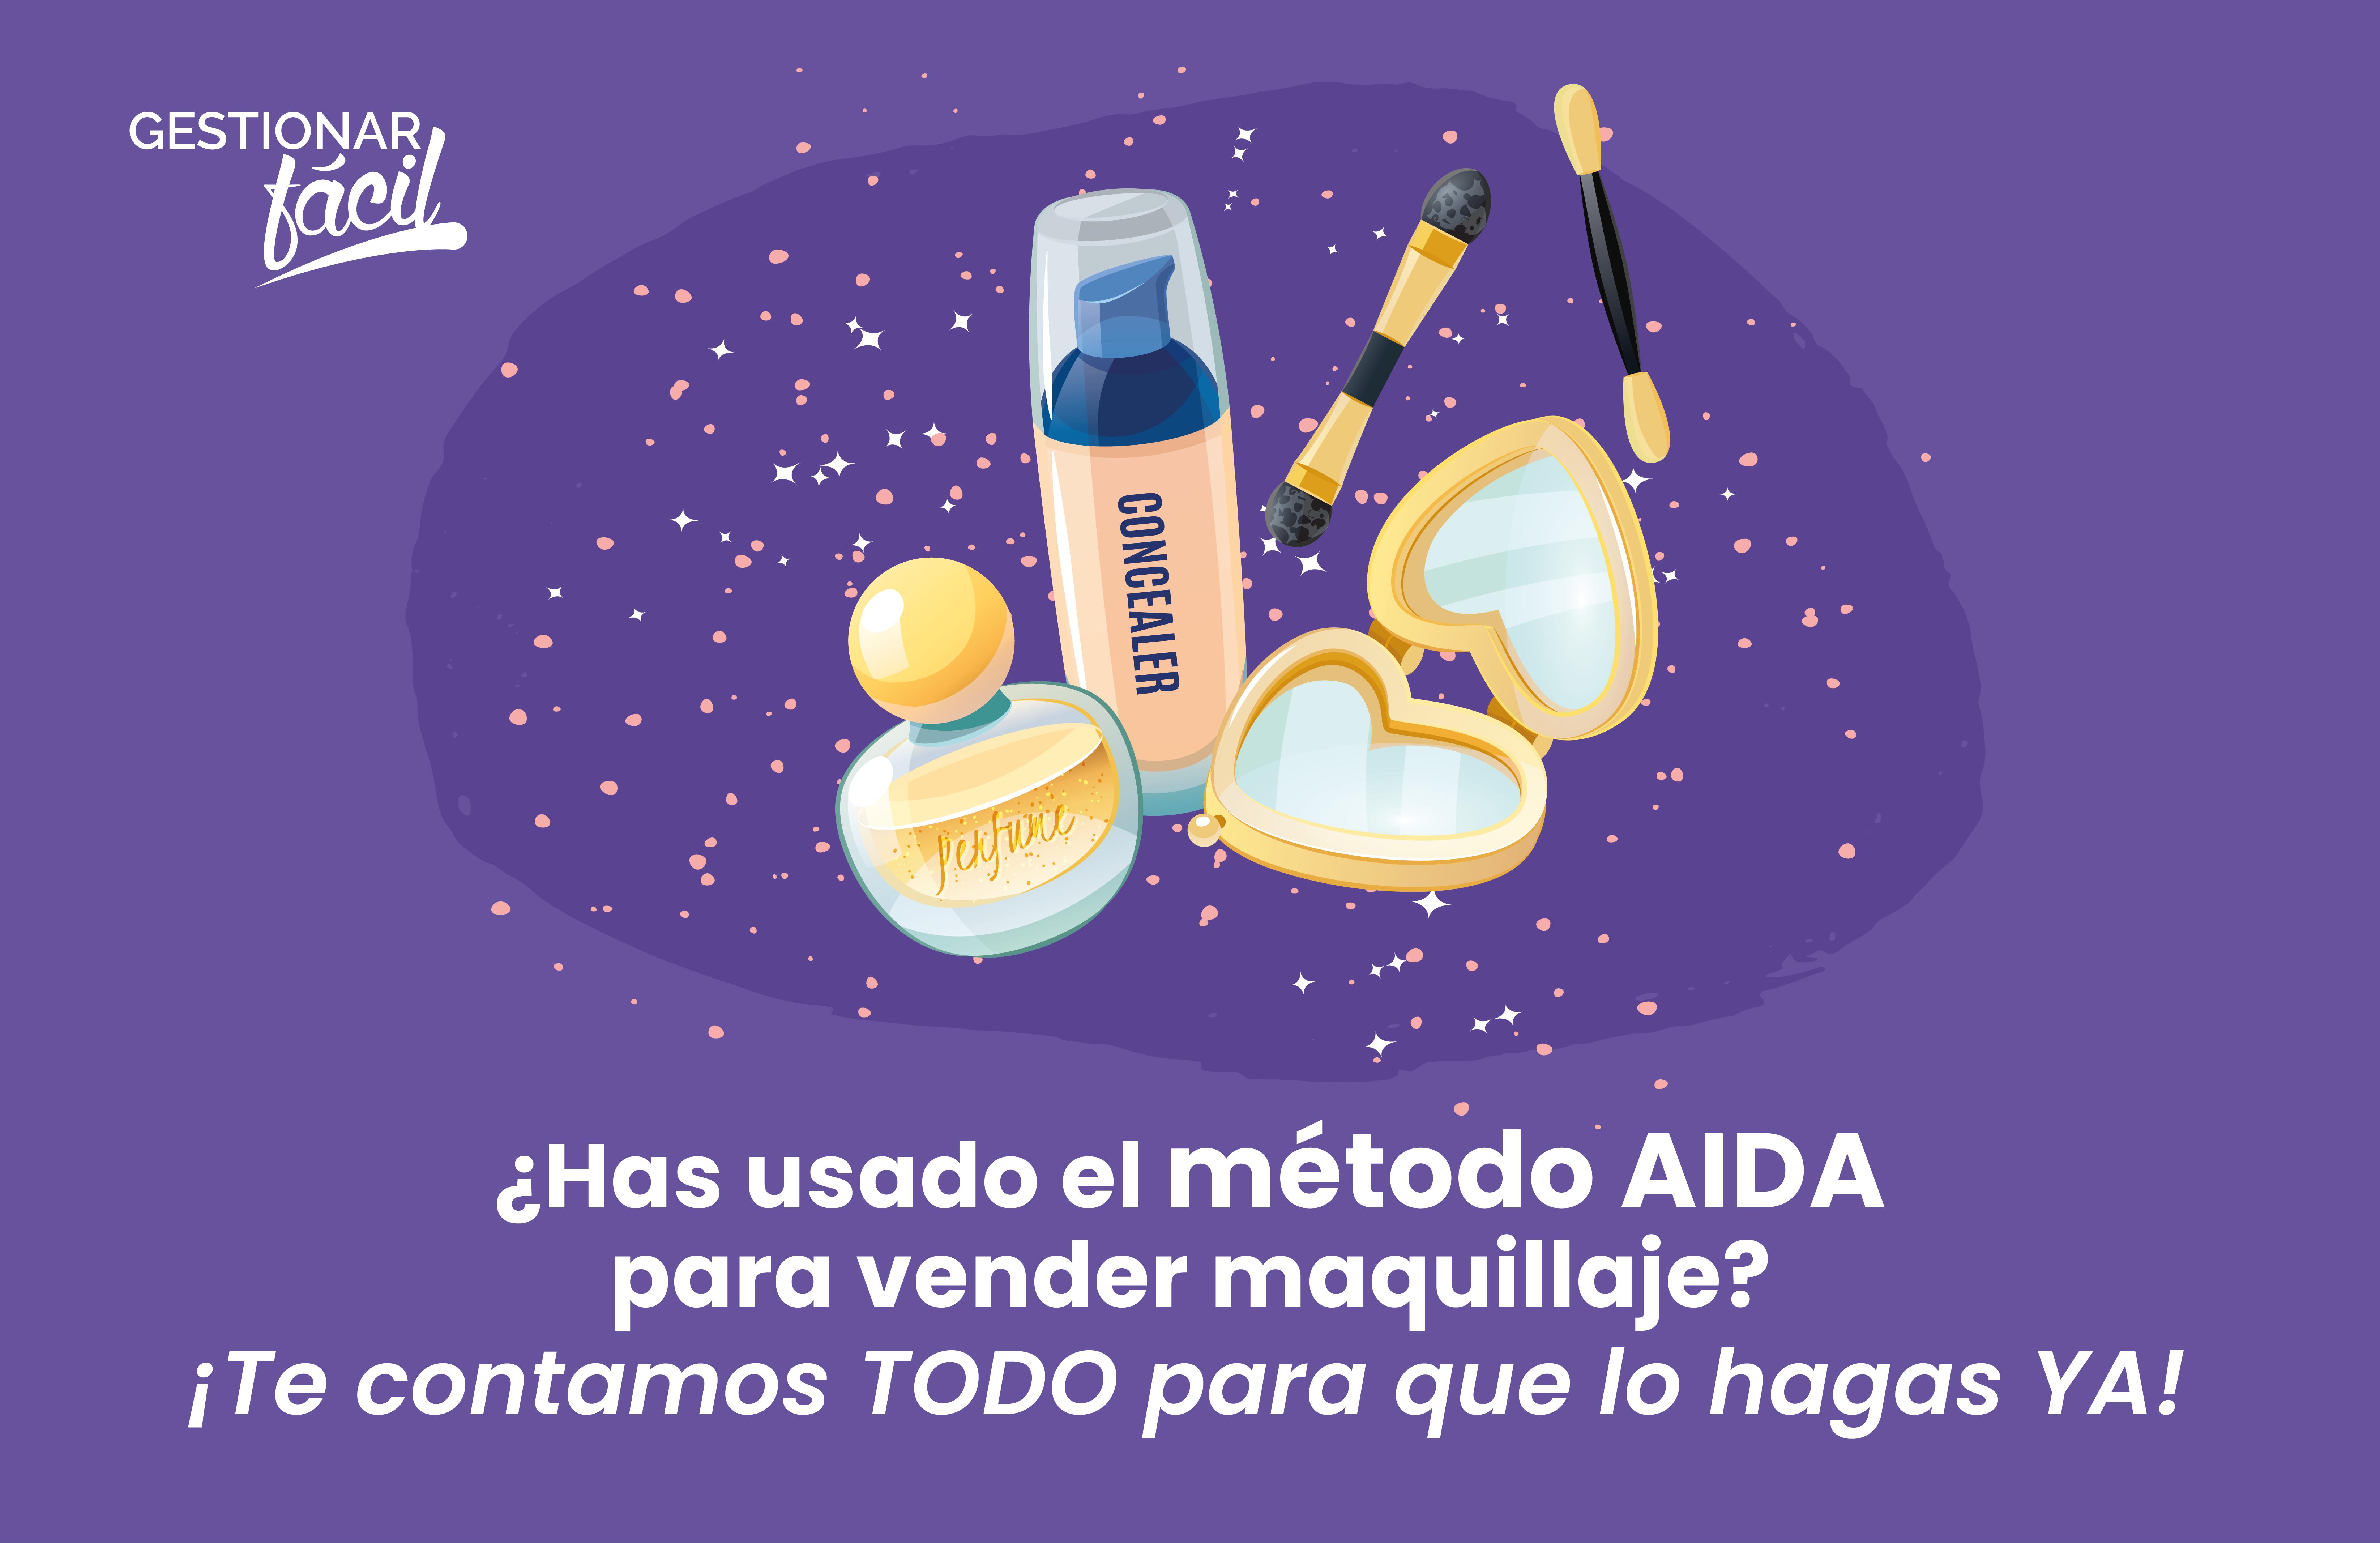 Cómo aplicar el método AIDA para vender maquillaje